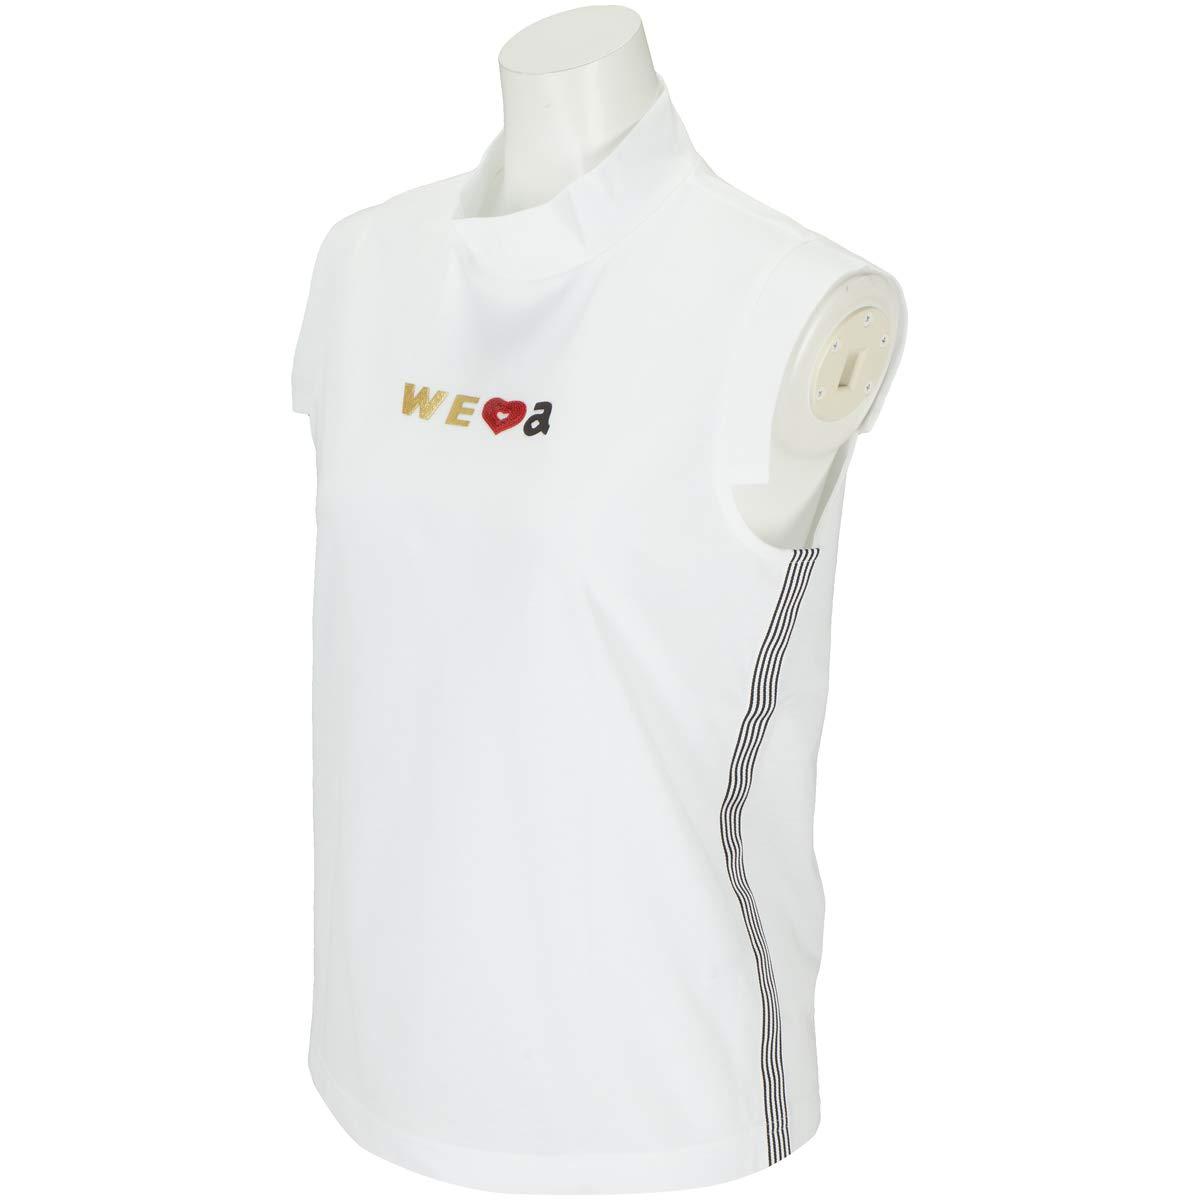 アルチビオ archivio 半袖シャツポロシャツ ノースリーブシャツ レディス 38 ホワイト B07QWJXX6D